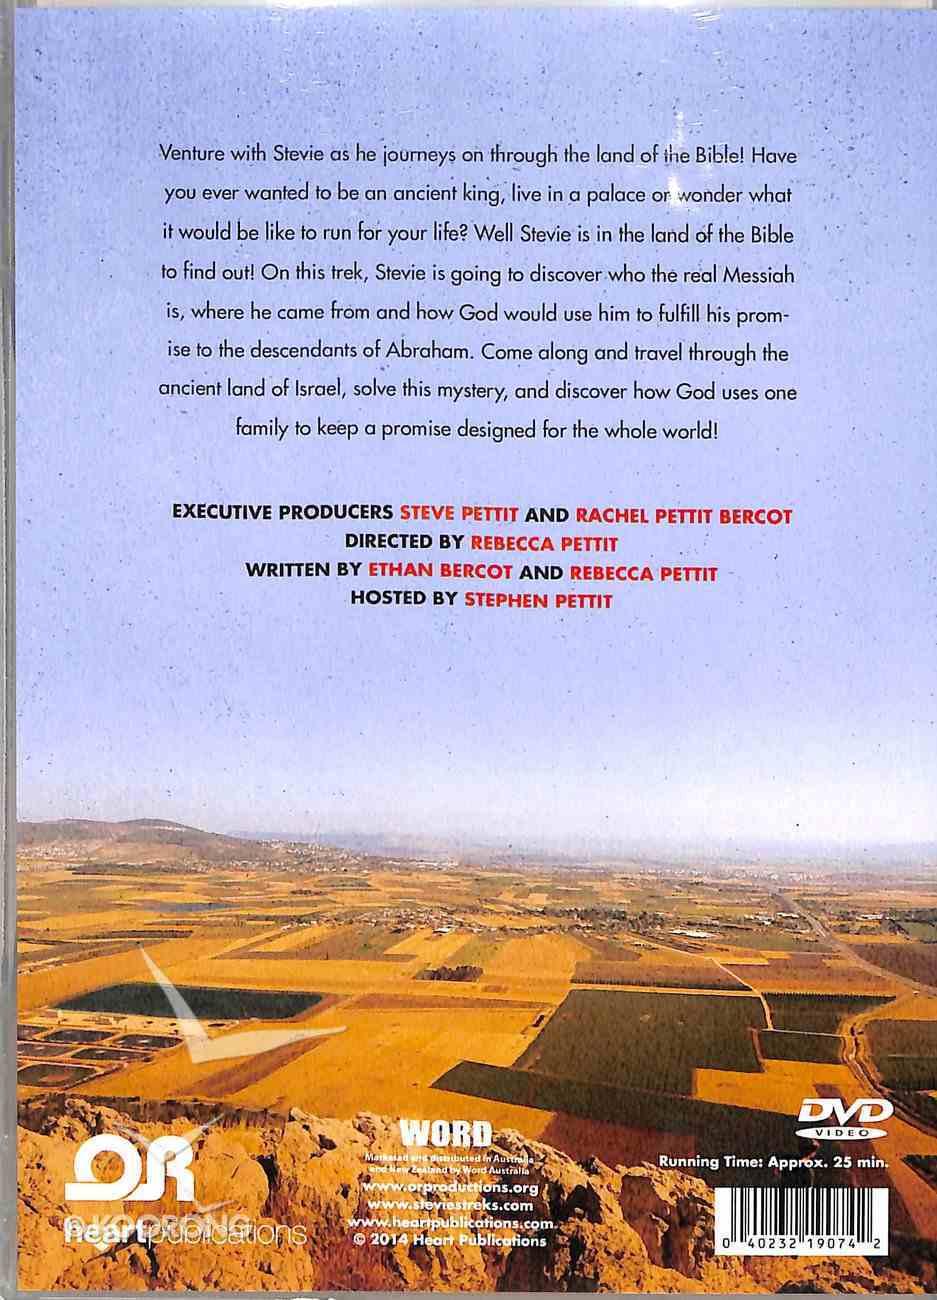 The Carpenter's Son (Stevie's Trek 2 The Holy Lands Series) DVD